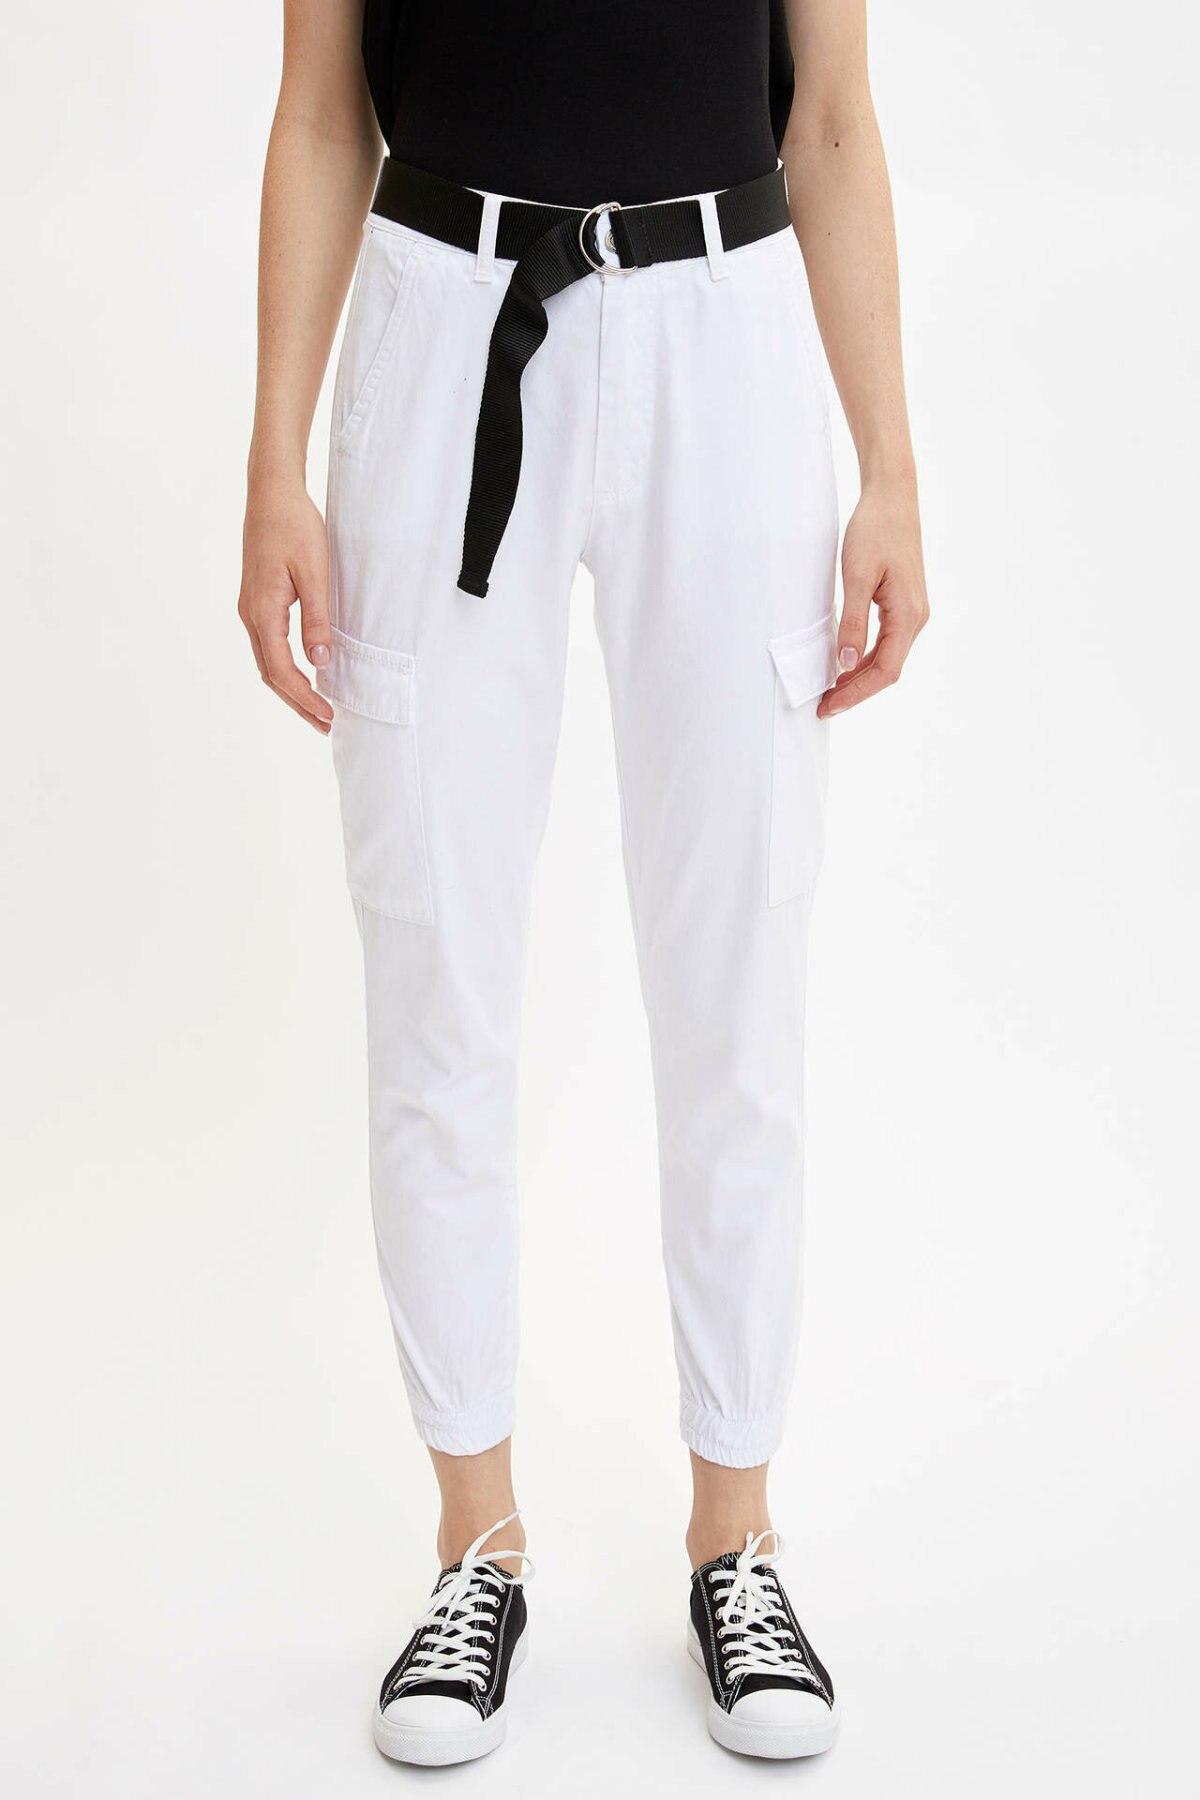 DeFacto Fashion Women Solid Pocket Trousers Casual Harem Pants Ladies Loose Belt Cargo Pants Female New - L6284AZ19SM